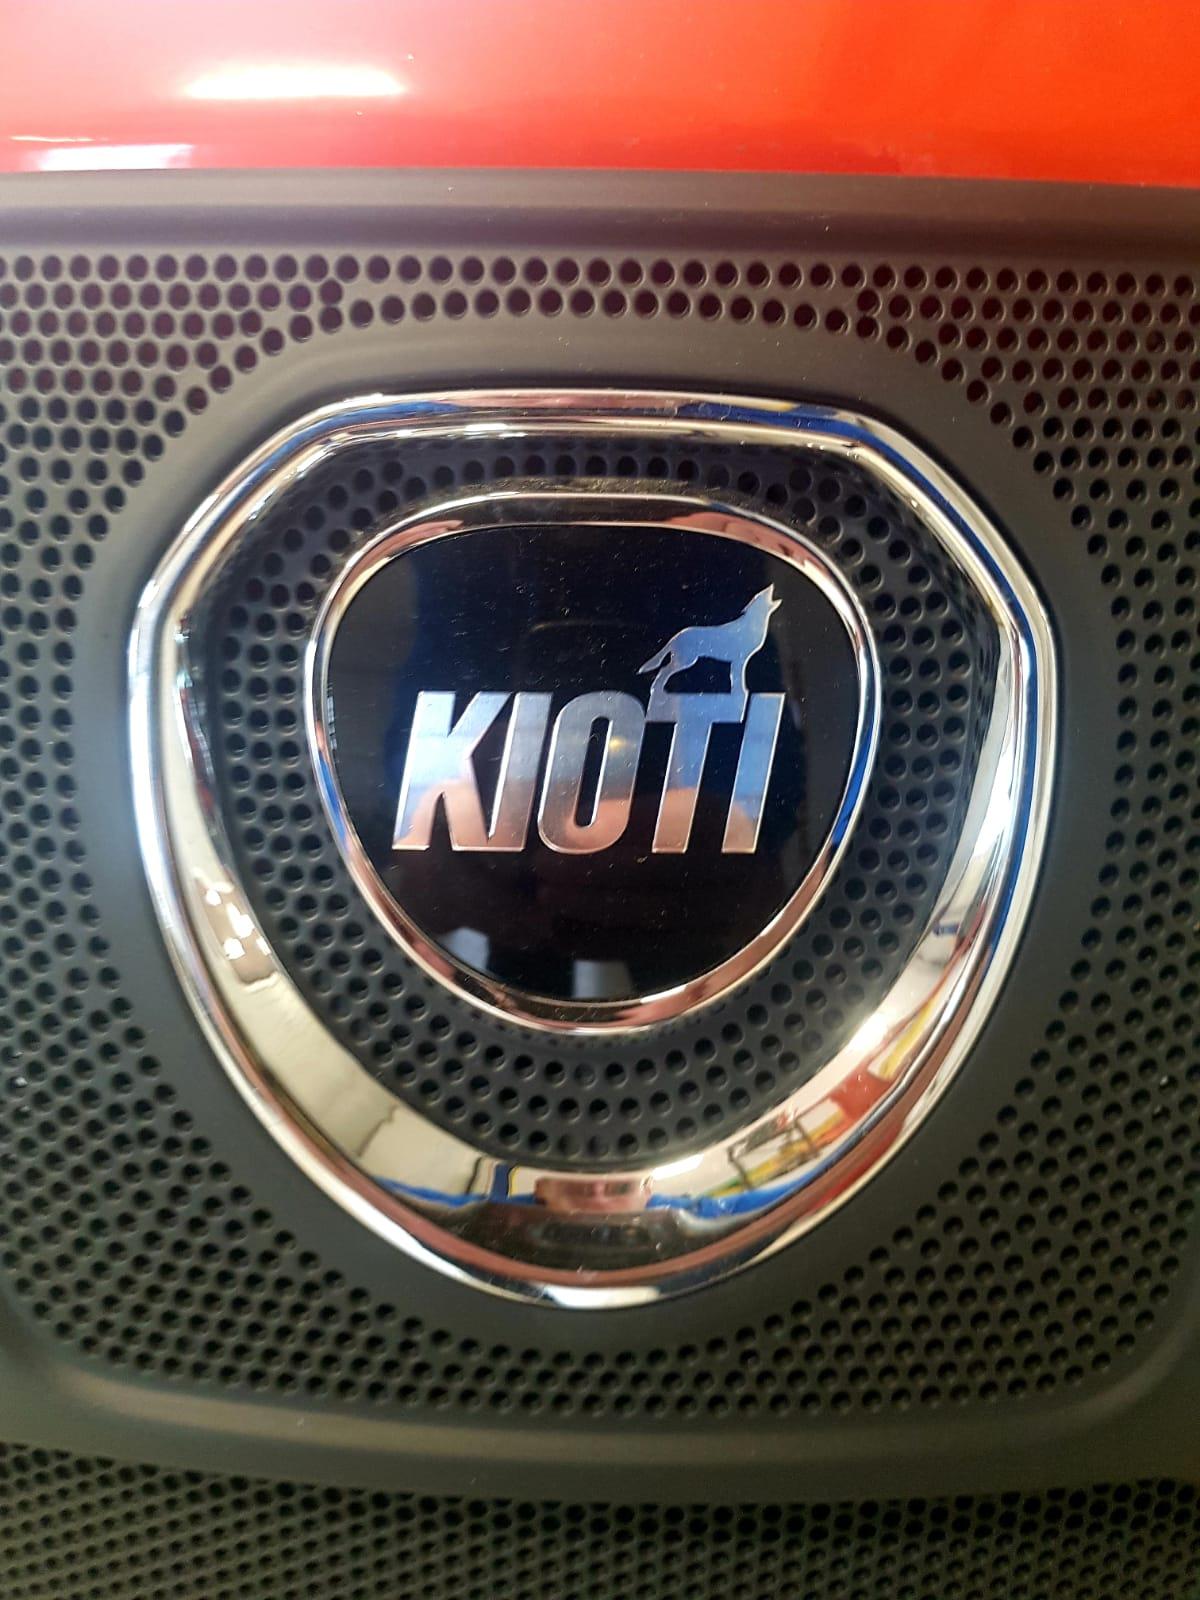 Kioti-logo.jpeg